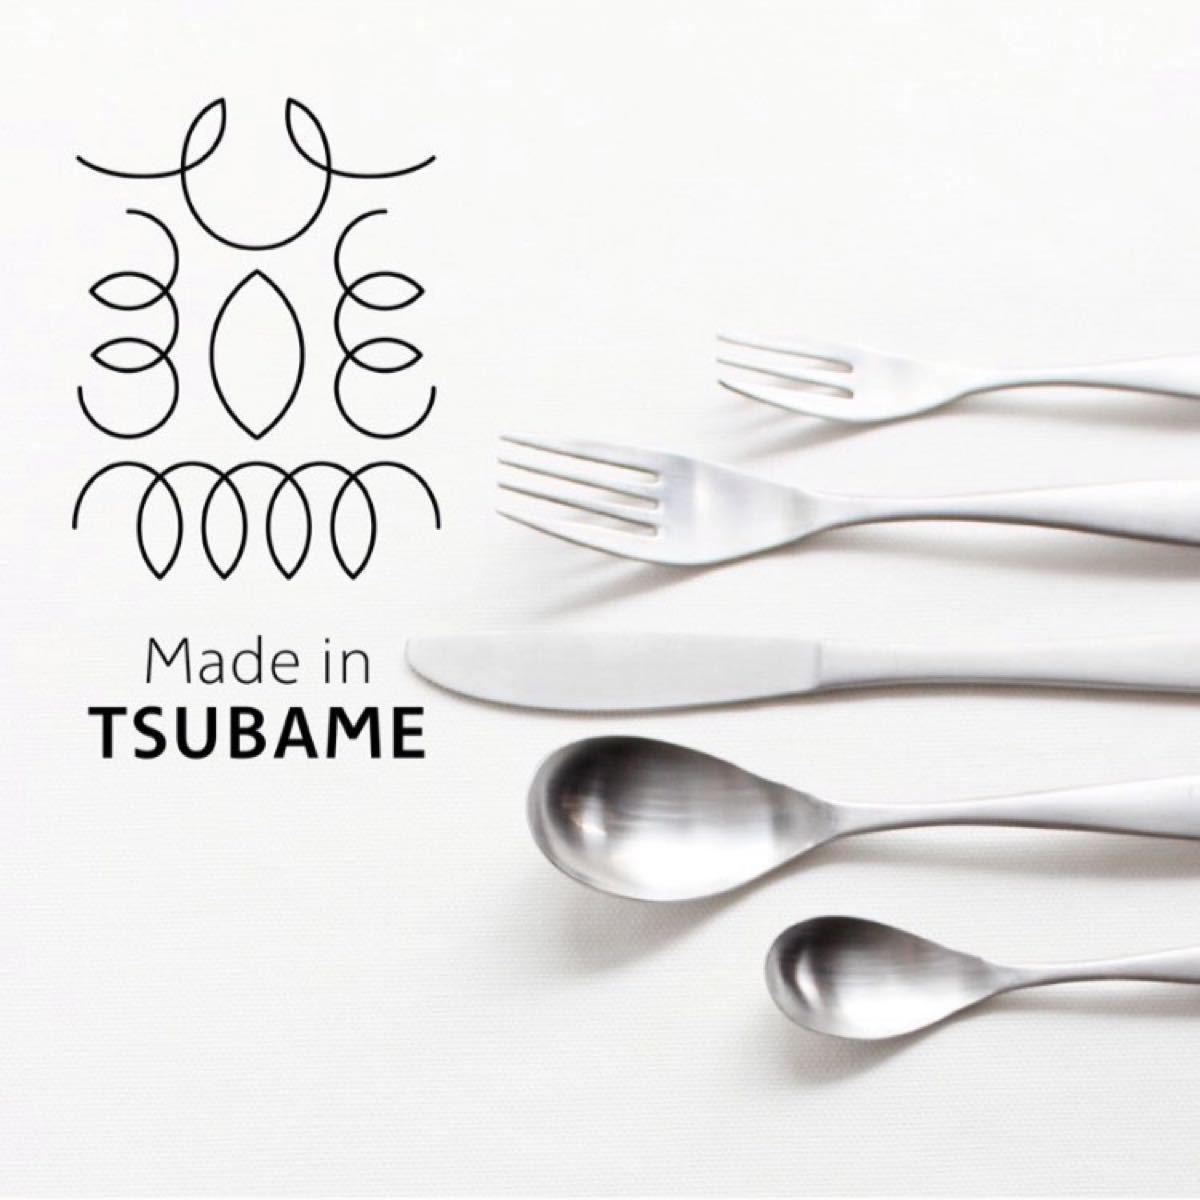 ツバメカトラリー 12本セット フォーク大&ナイフ&スプーン大 新品未使用 made in tsubame 燕  カトラリーセット